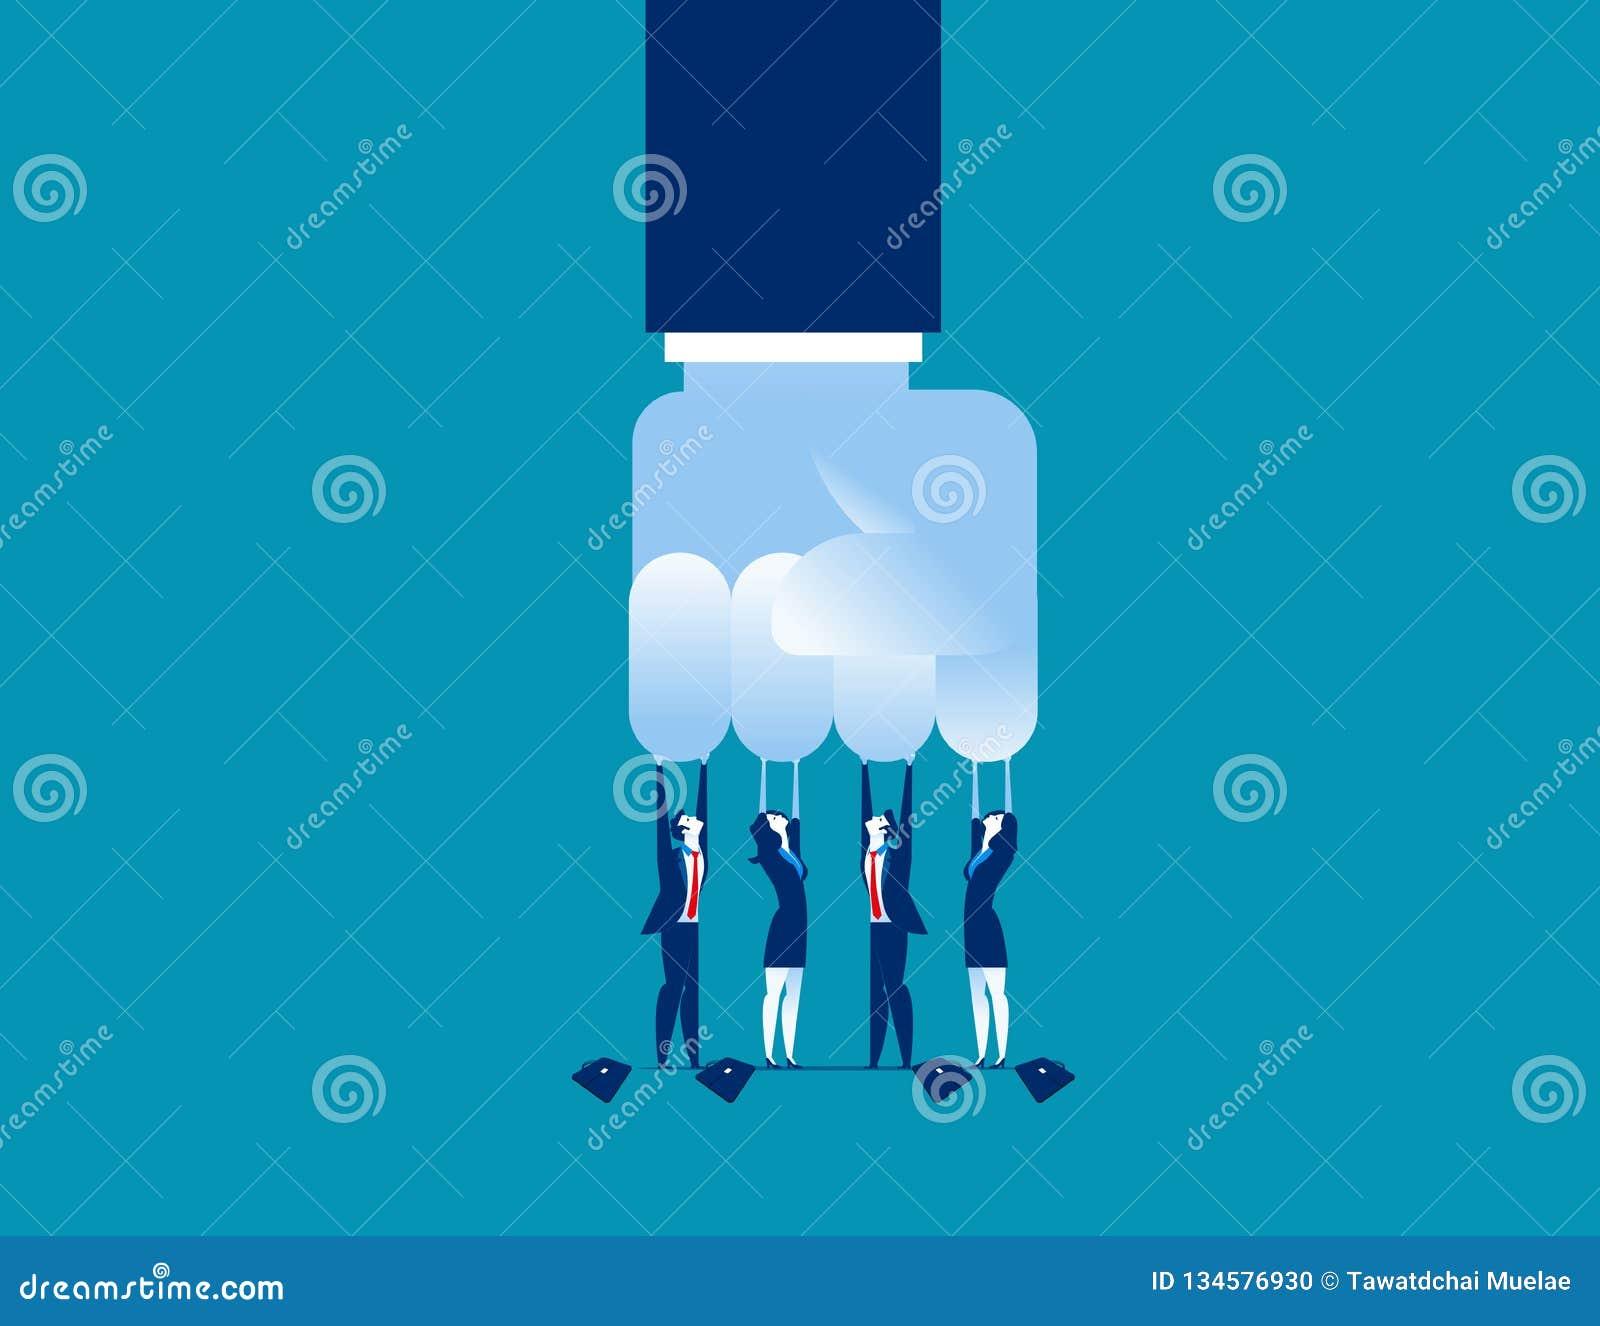 Desafio Grande negócio pequeno do desafio Ilustração do vetor do negócio do conceito